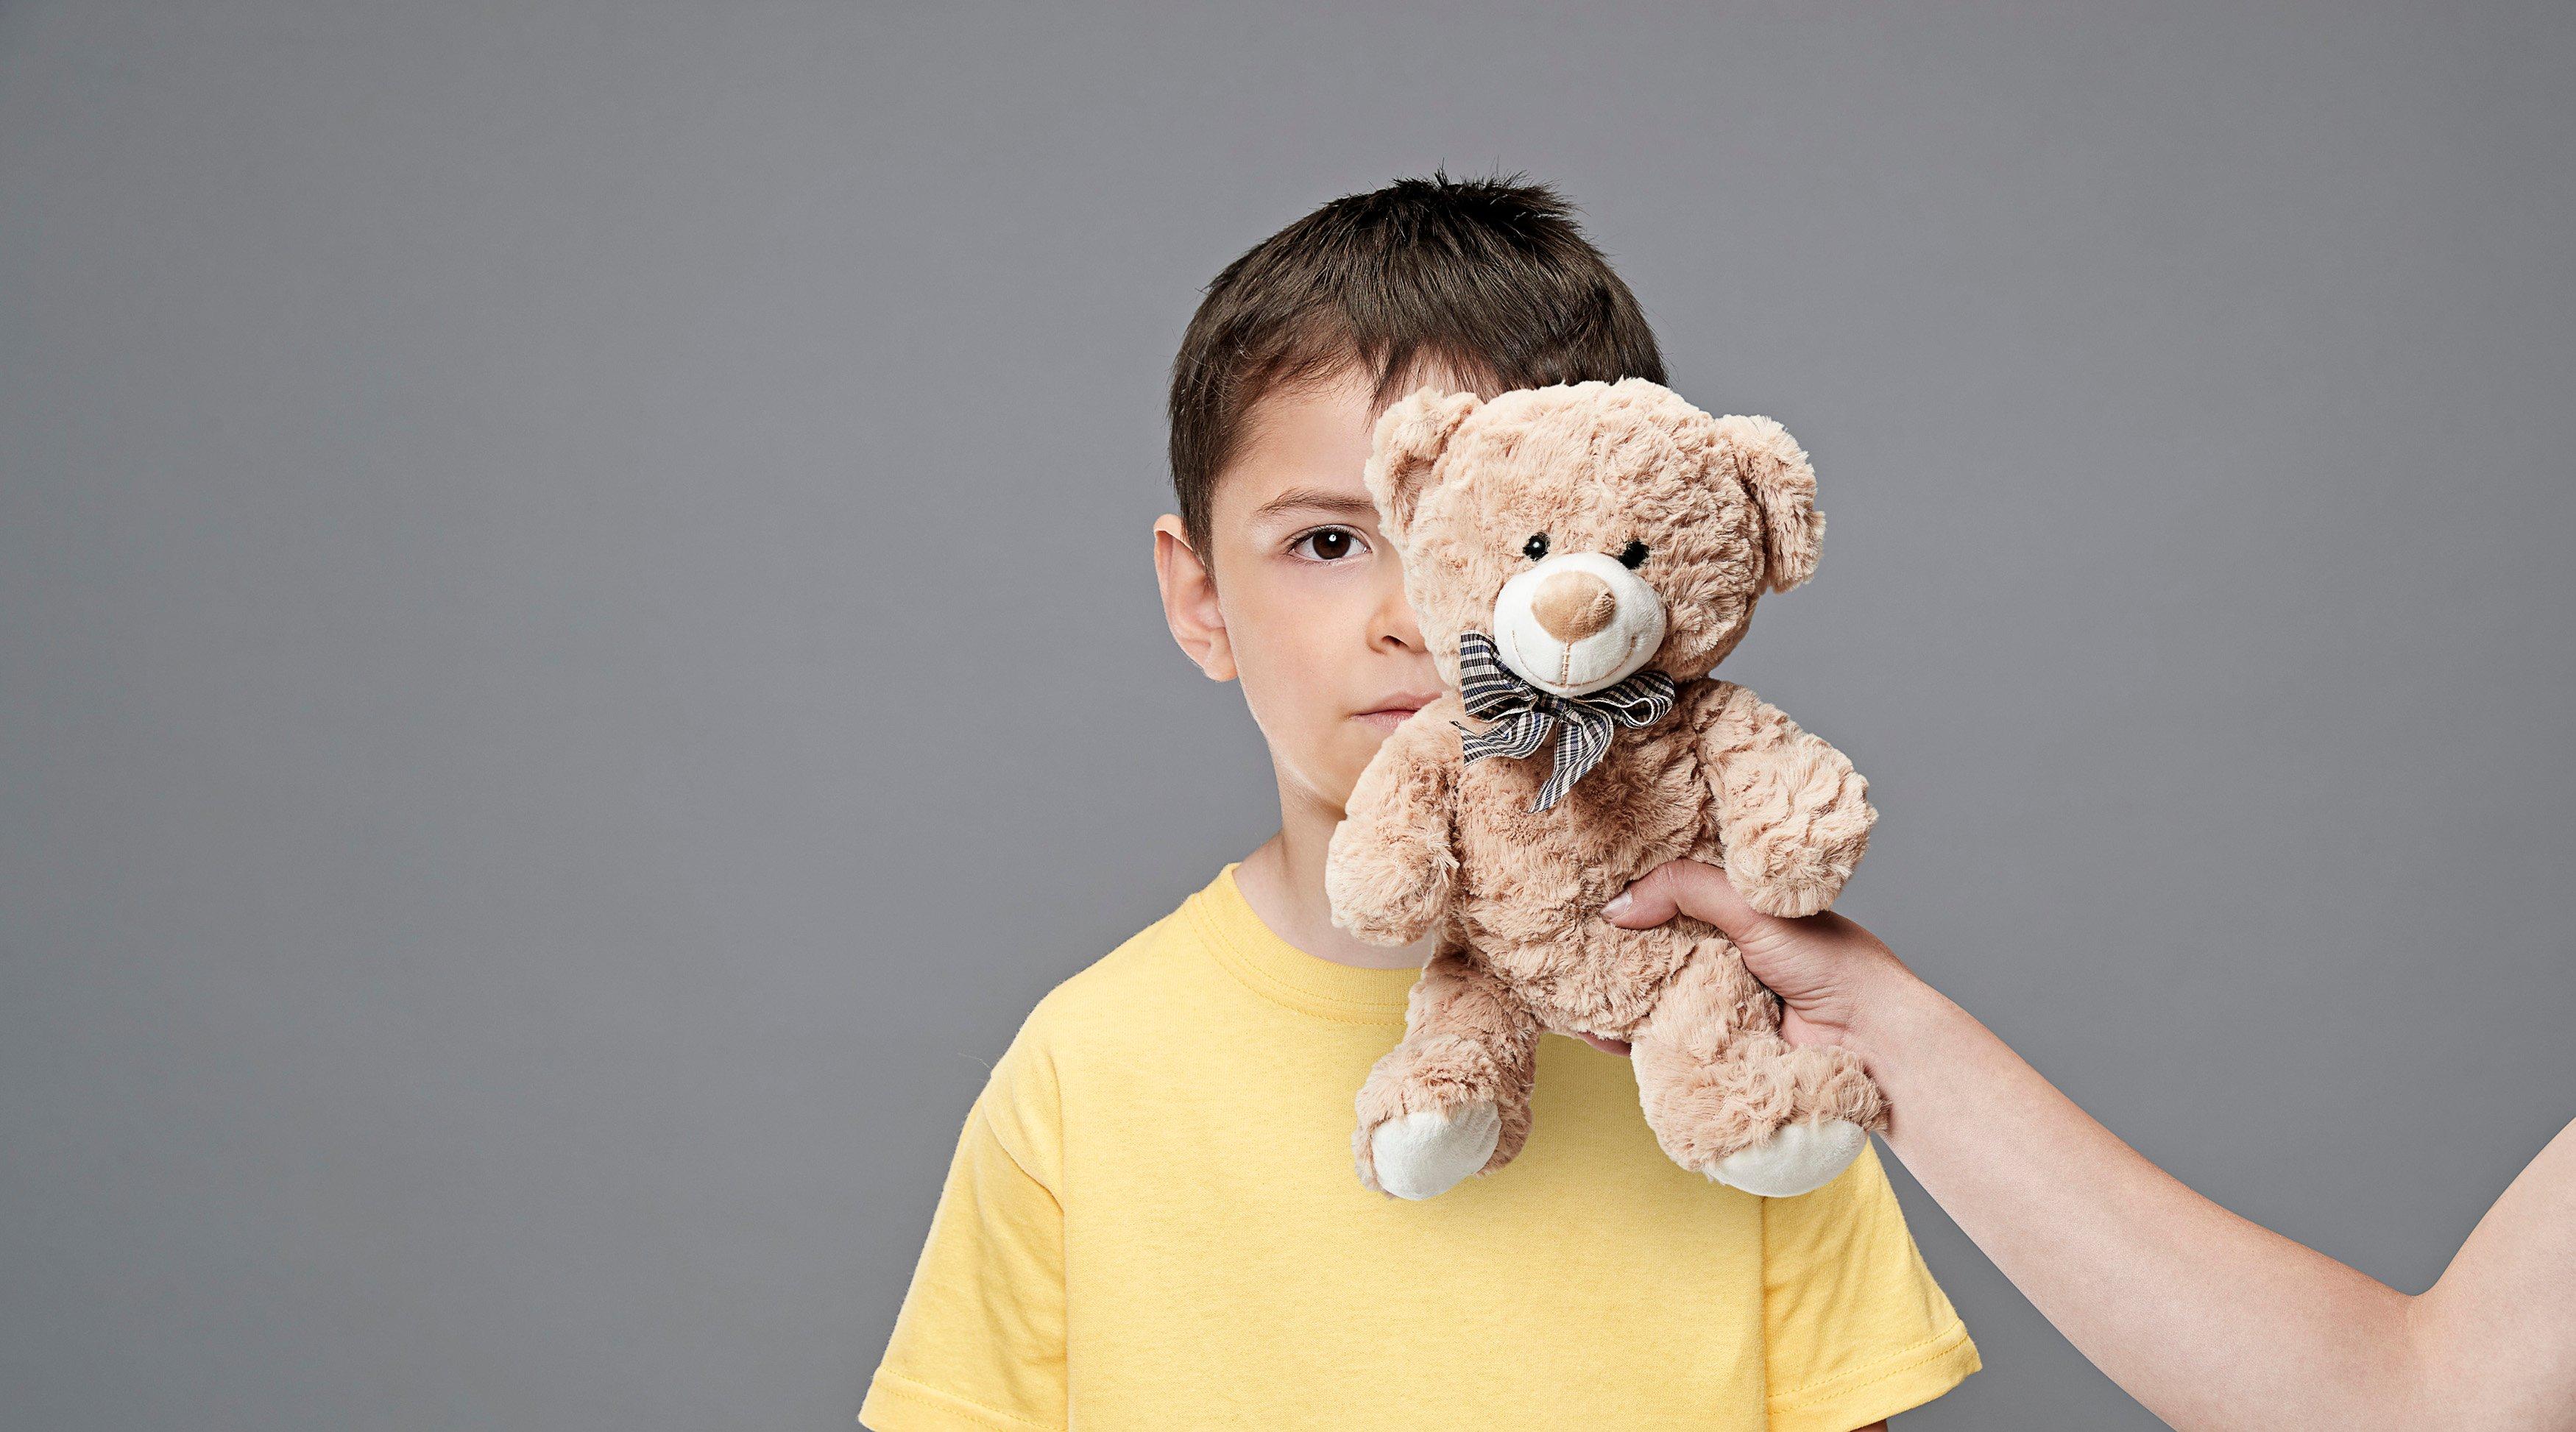 Un regalo no oculta una crianza violenta